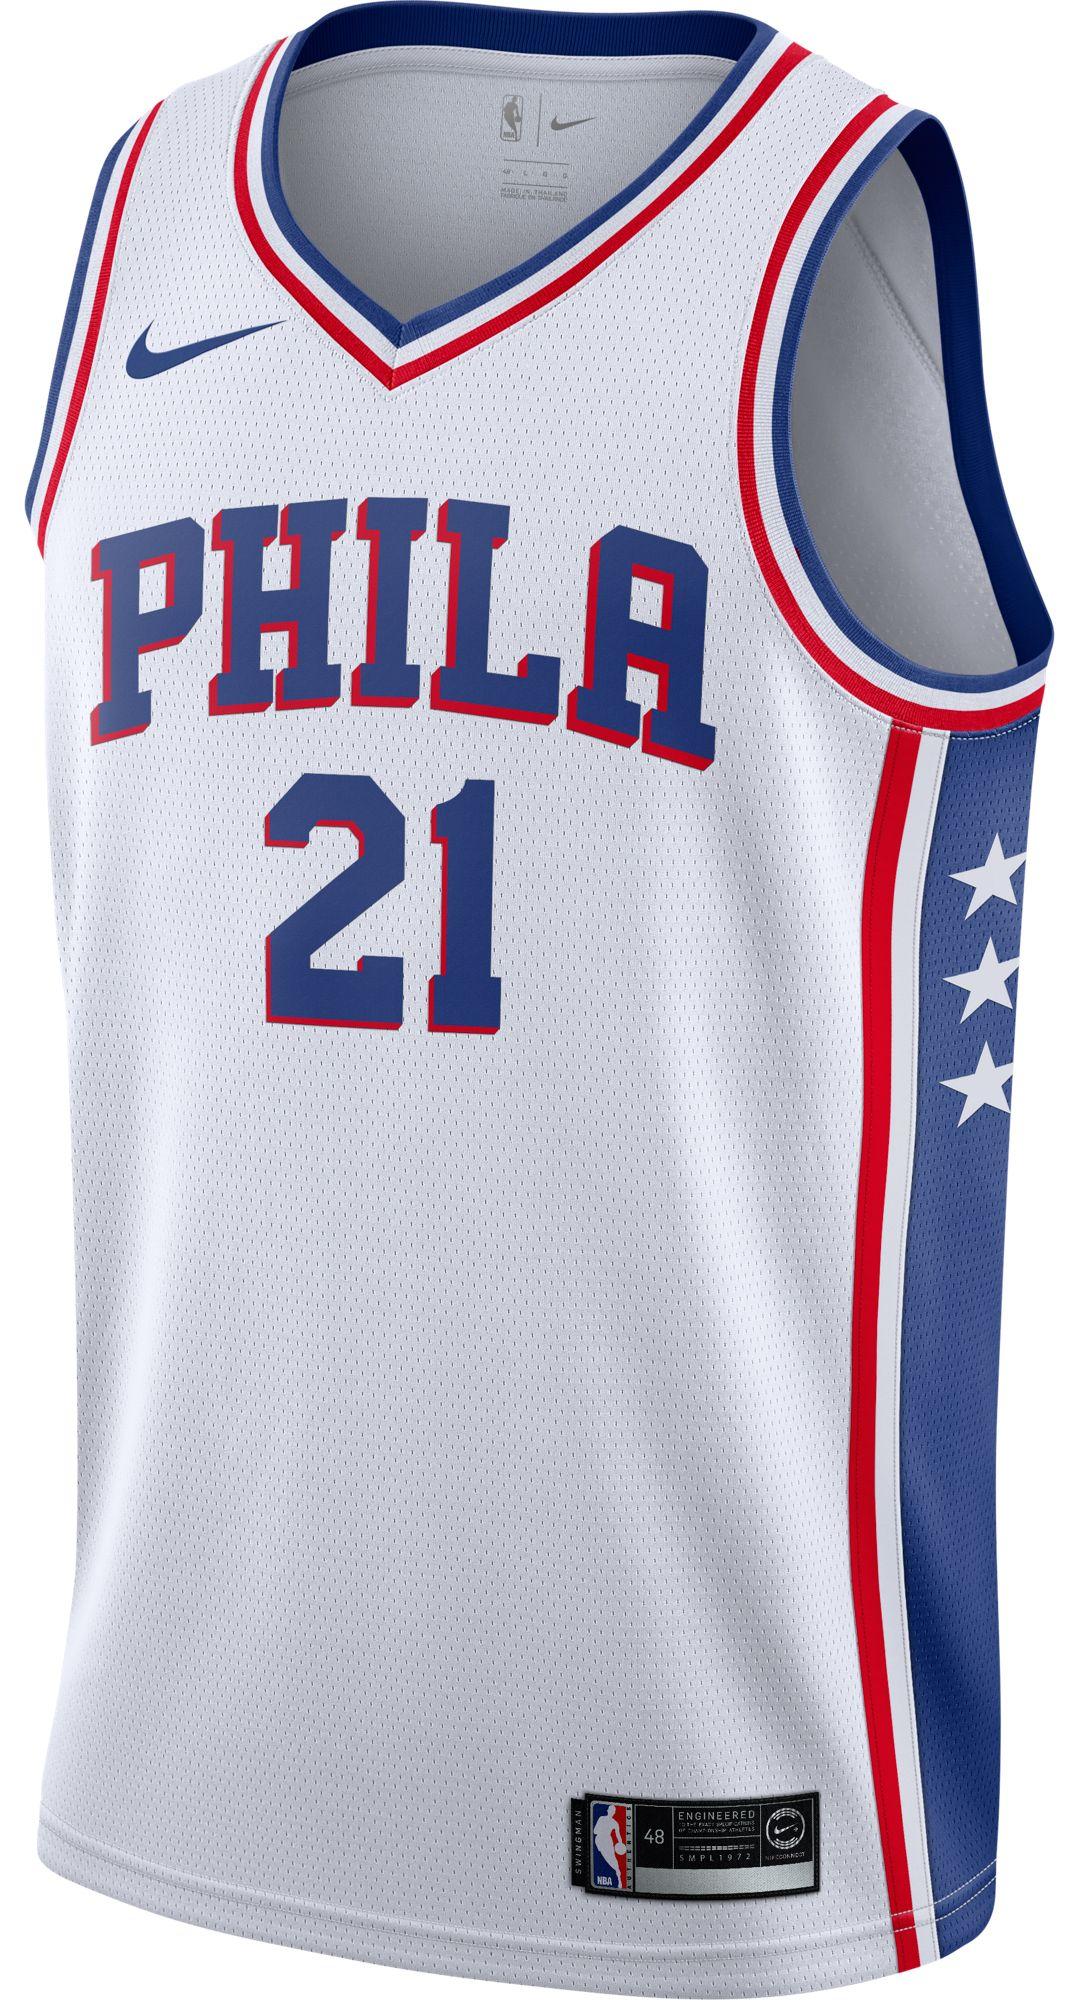 outlet store 98571 a67f8 Nike Men's Philadelphia 76ers Joel Embiid #21 White Dri-FIT Swingman Jersey